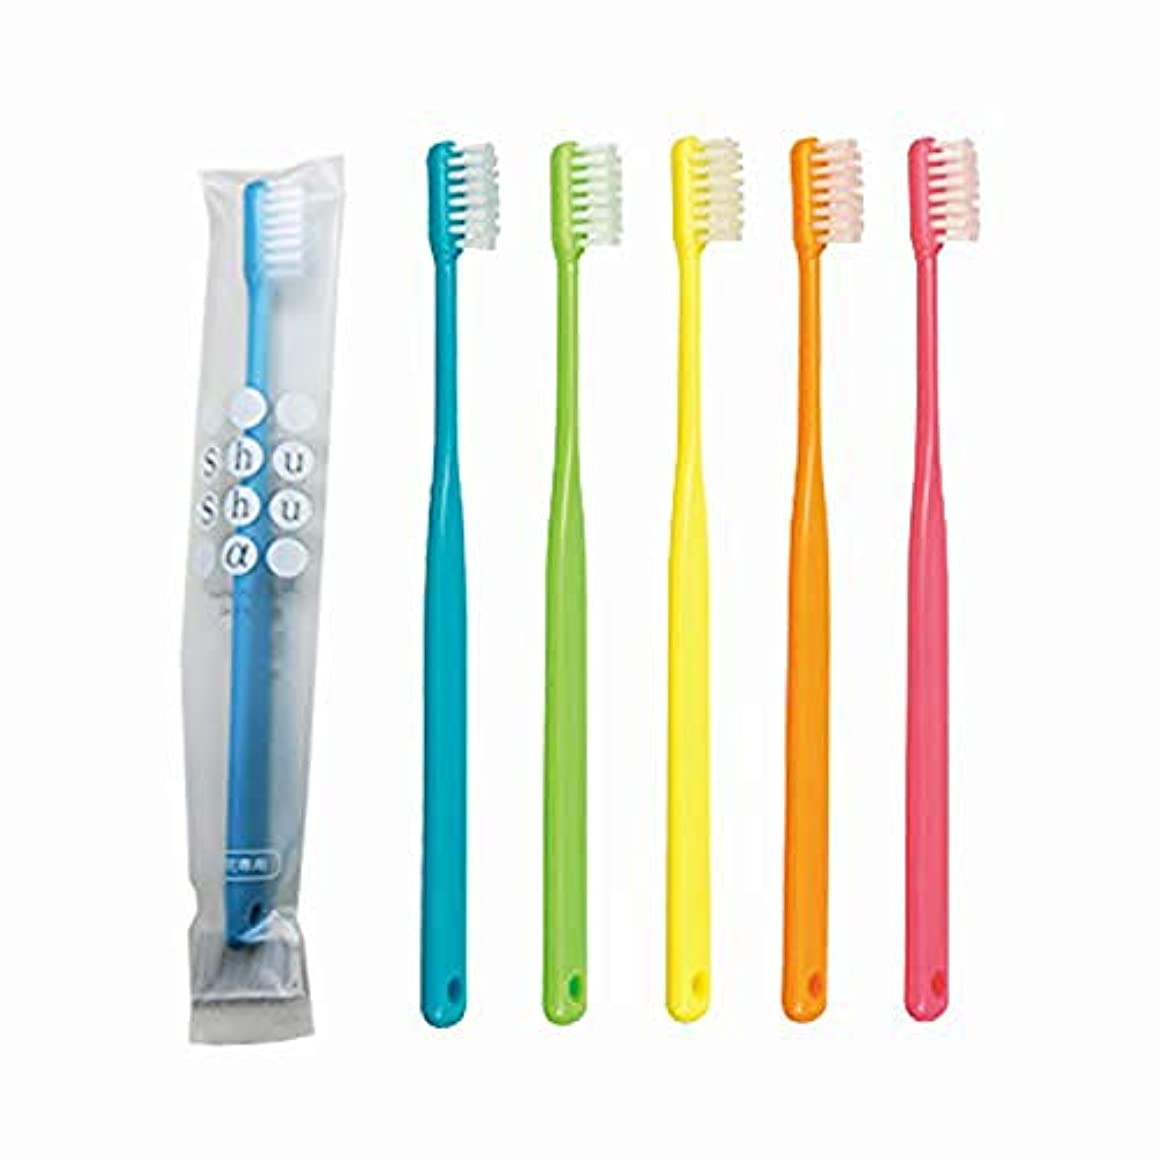 示す完全に乾く前述の歯科専売品 大人用歯ブラシ FEED Shu Shu α(シュシュアルファ)×20本 S (やわらかめ)